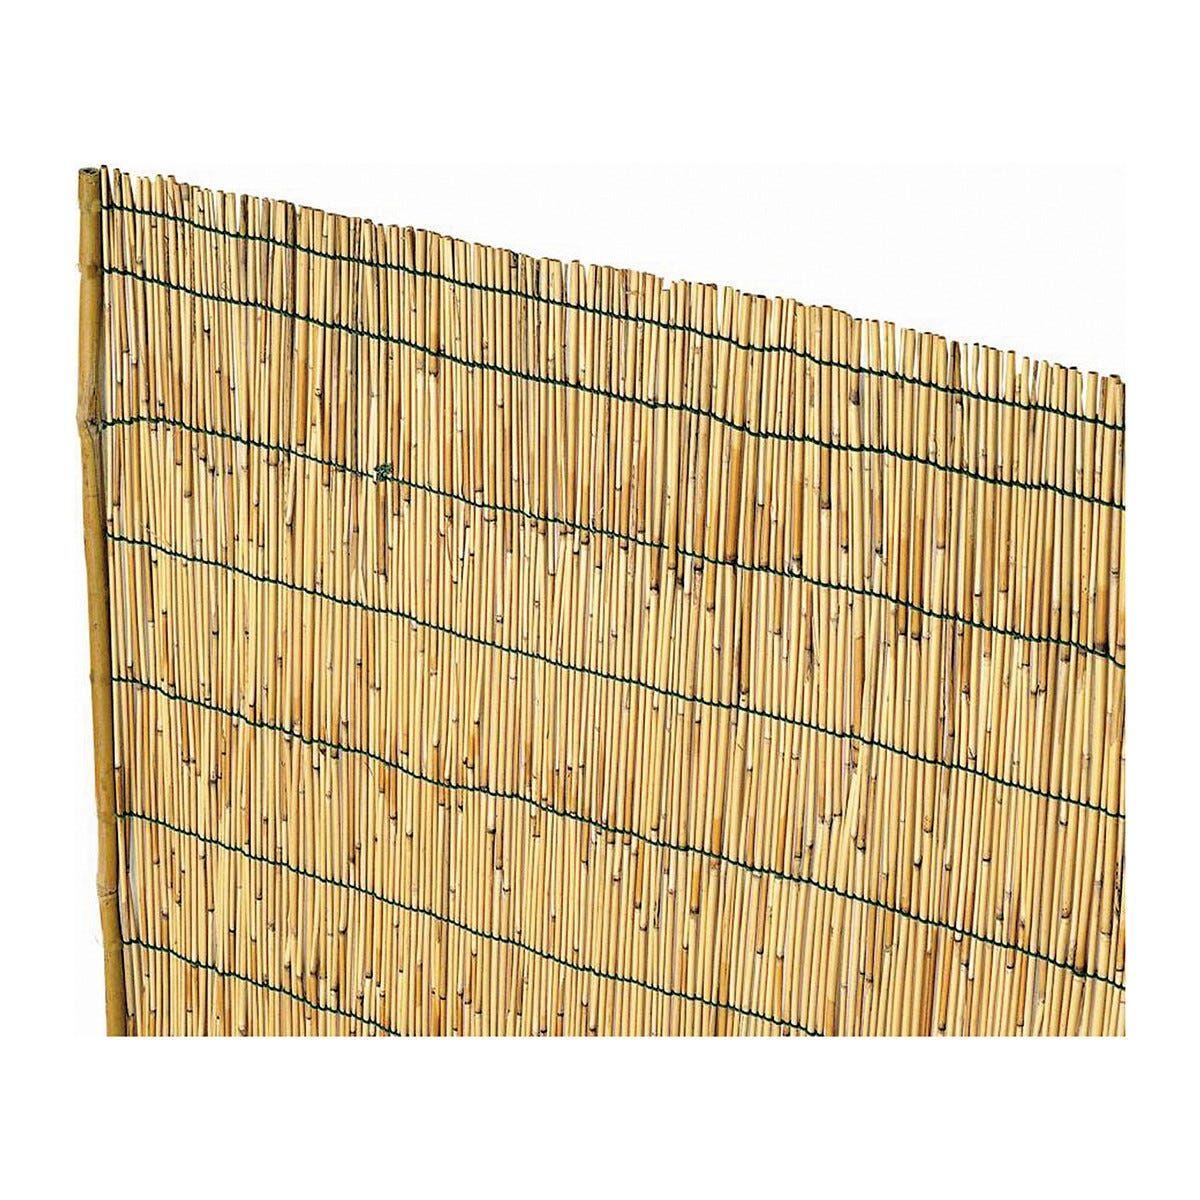 Arella In Cannette Di Bambu' Pelato 2x3 M Ø Circa 4-5 Mm Con Filo Nylon